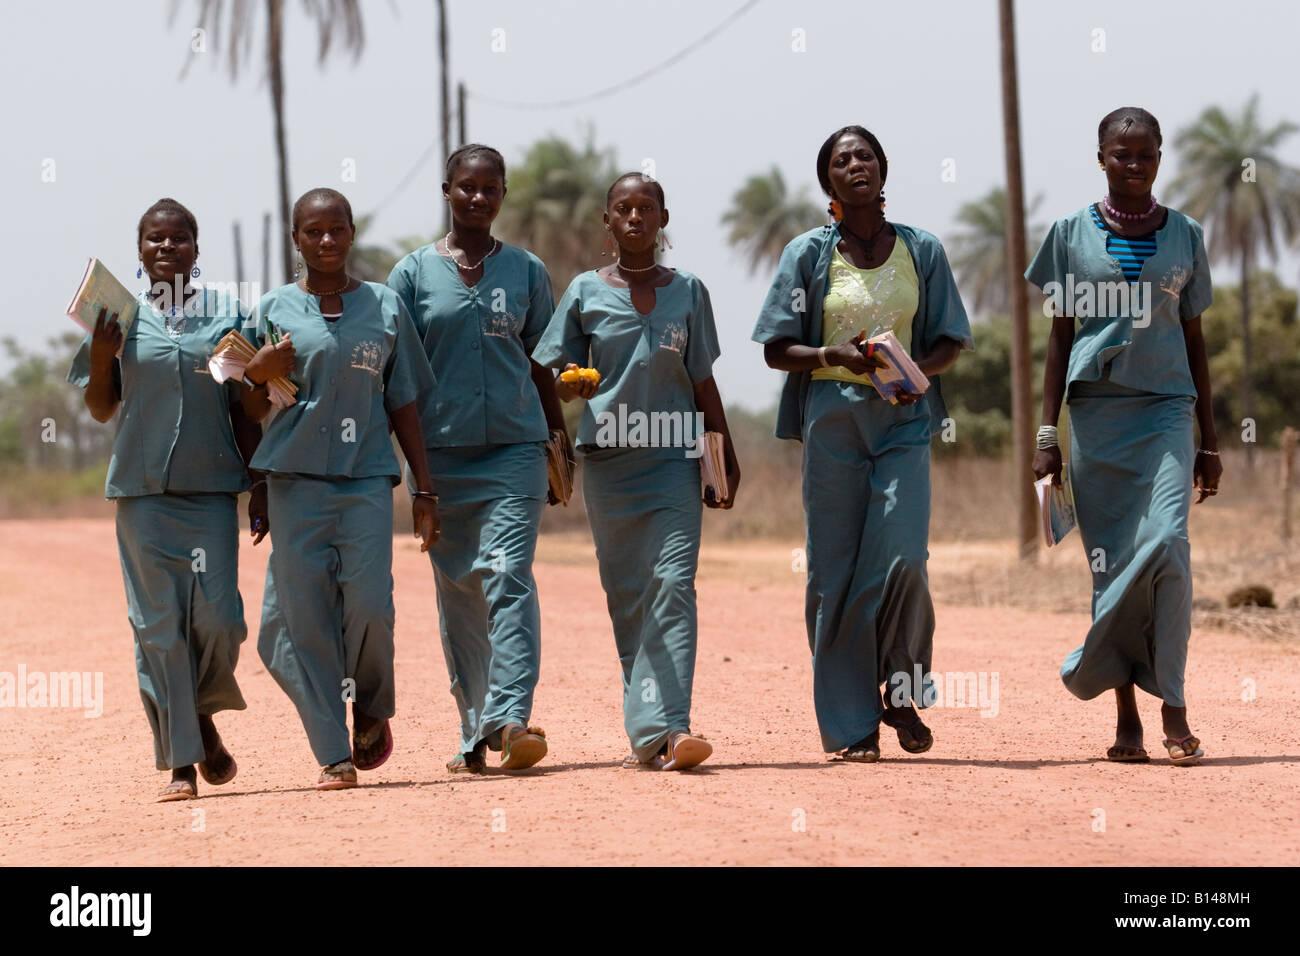 Un groupe d'étudiants en uniforme scolaire revenir à pied de l'école près du village Photo Stock